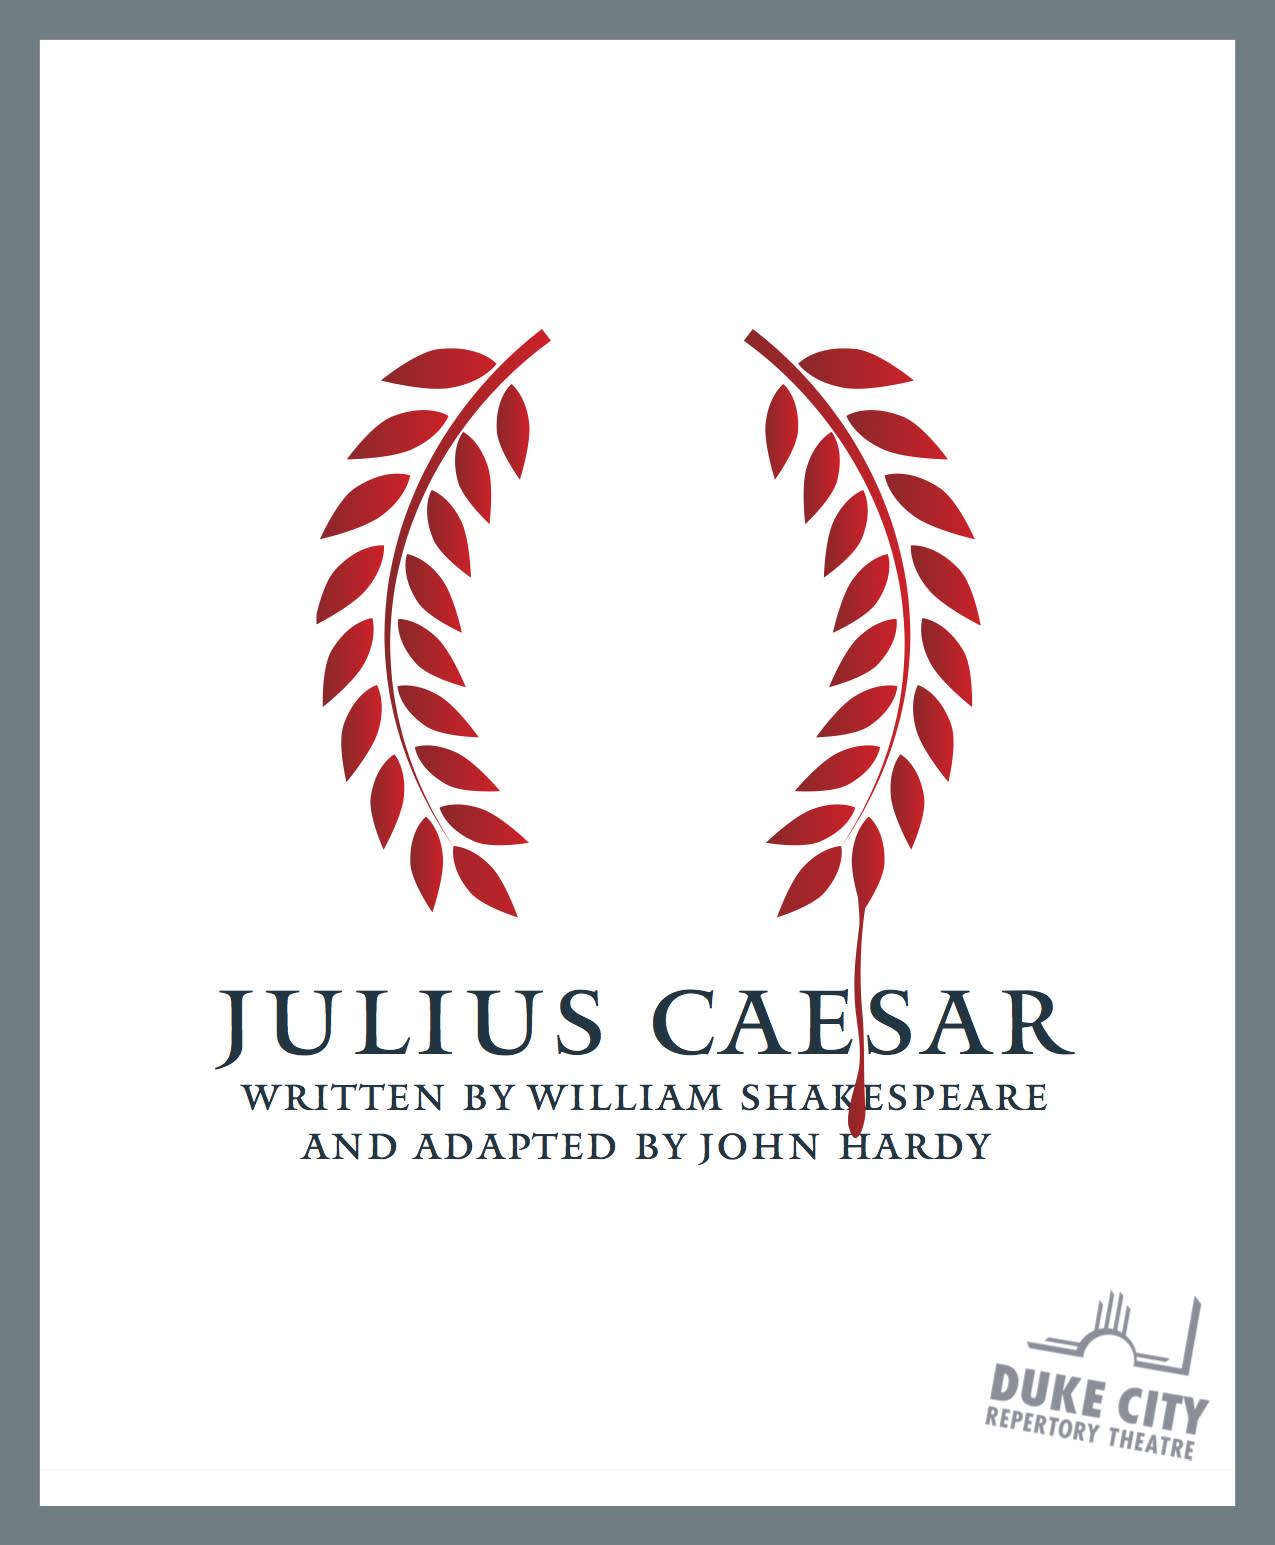 Julius Caesar by Duke City Repertory Theatre